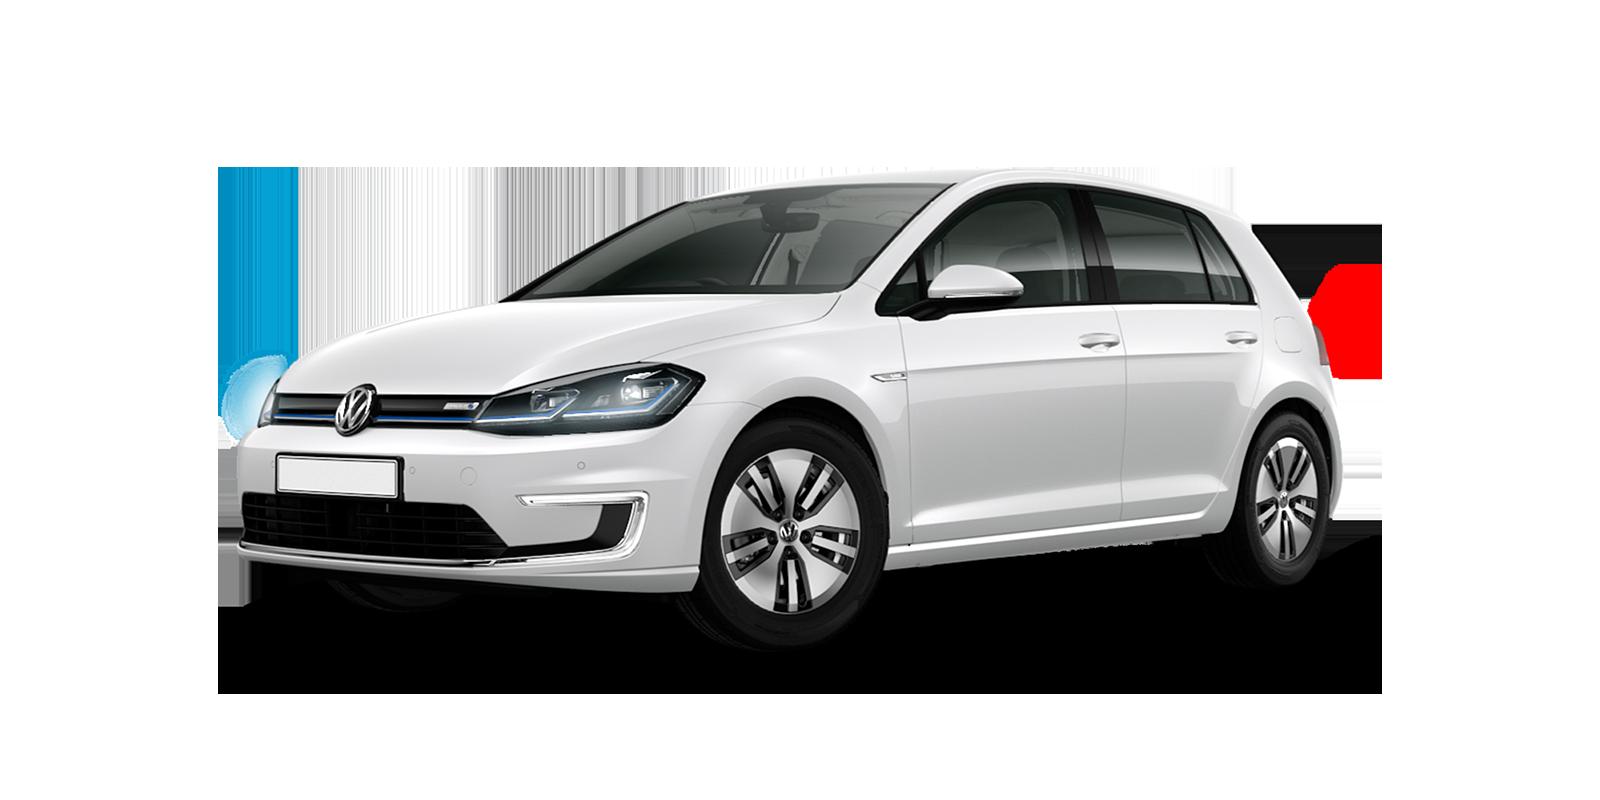 Caractéristiques de la  Volkswagen e-Golf électrique